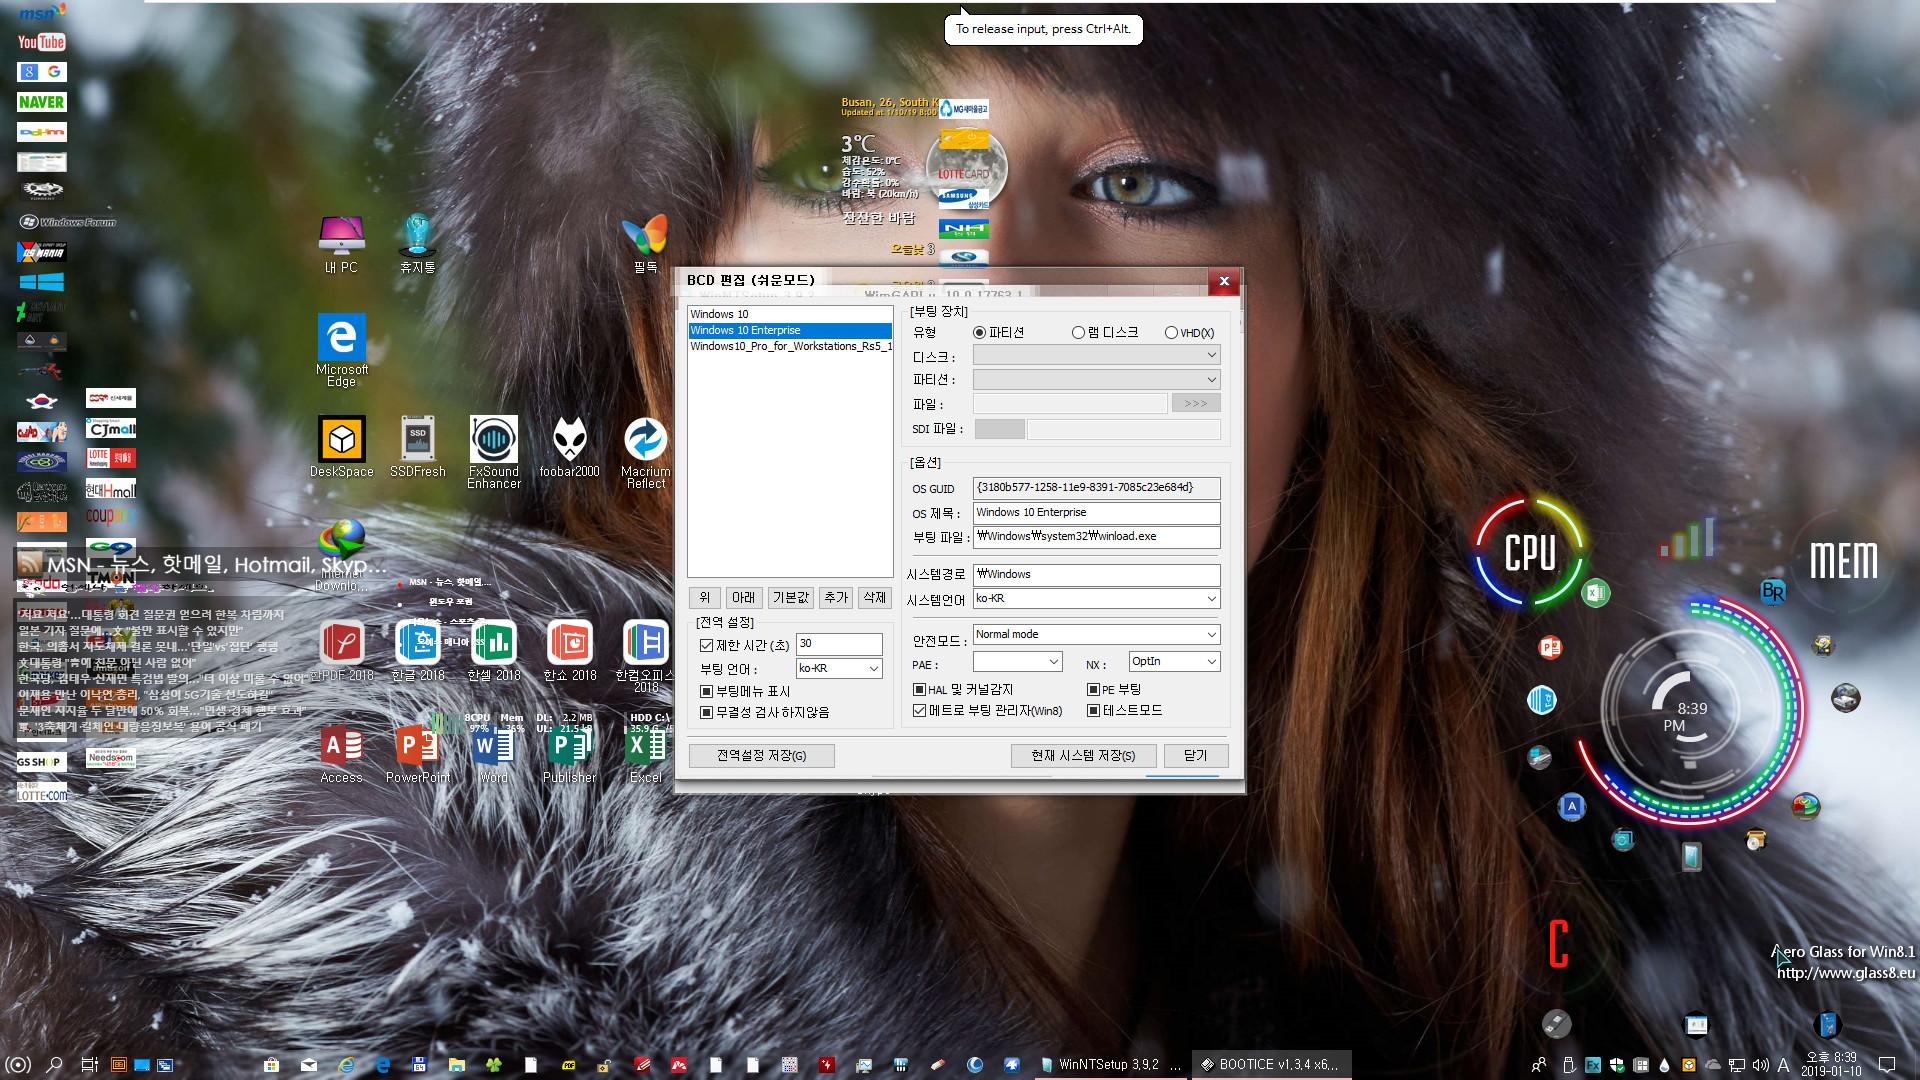 태풍OO님 Win10_Rs5_pArAoTPg35_윈도와PE의프로그램들공유-vhd만들어서vmware에연결 2019-01-10_203938.jpg